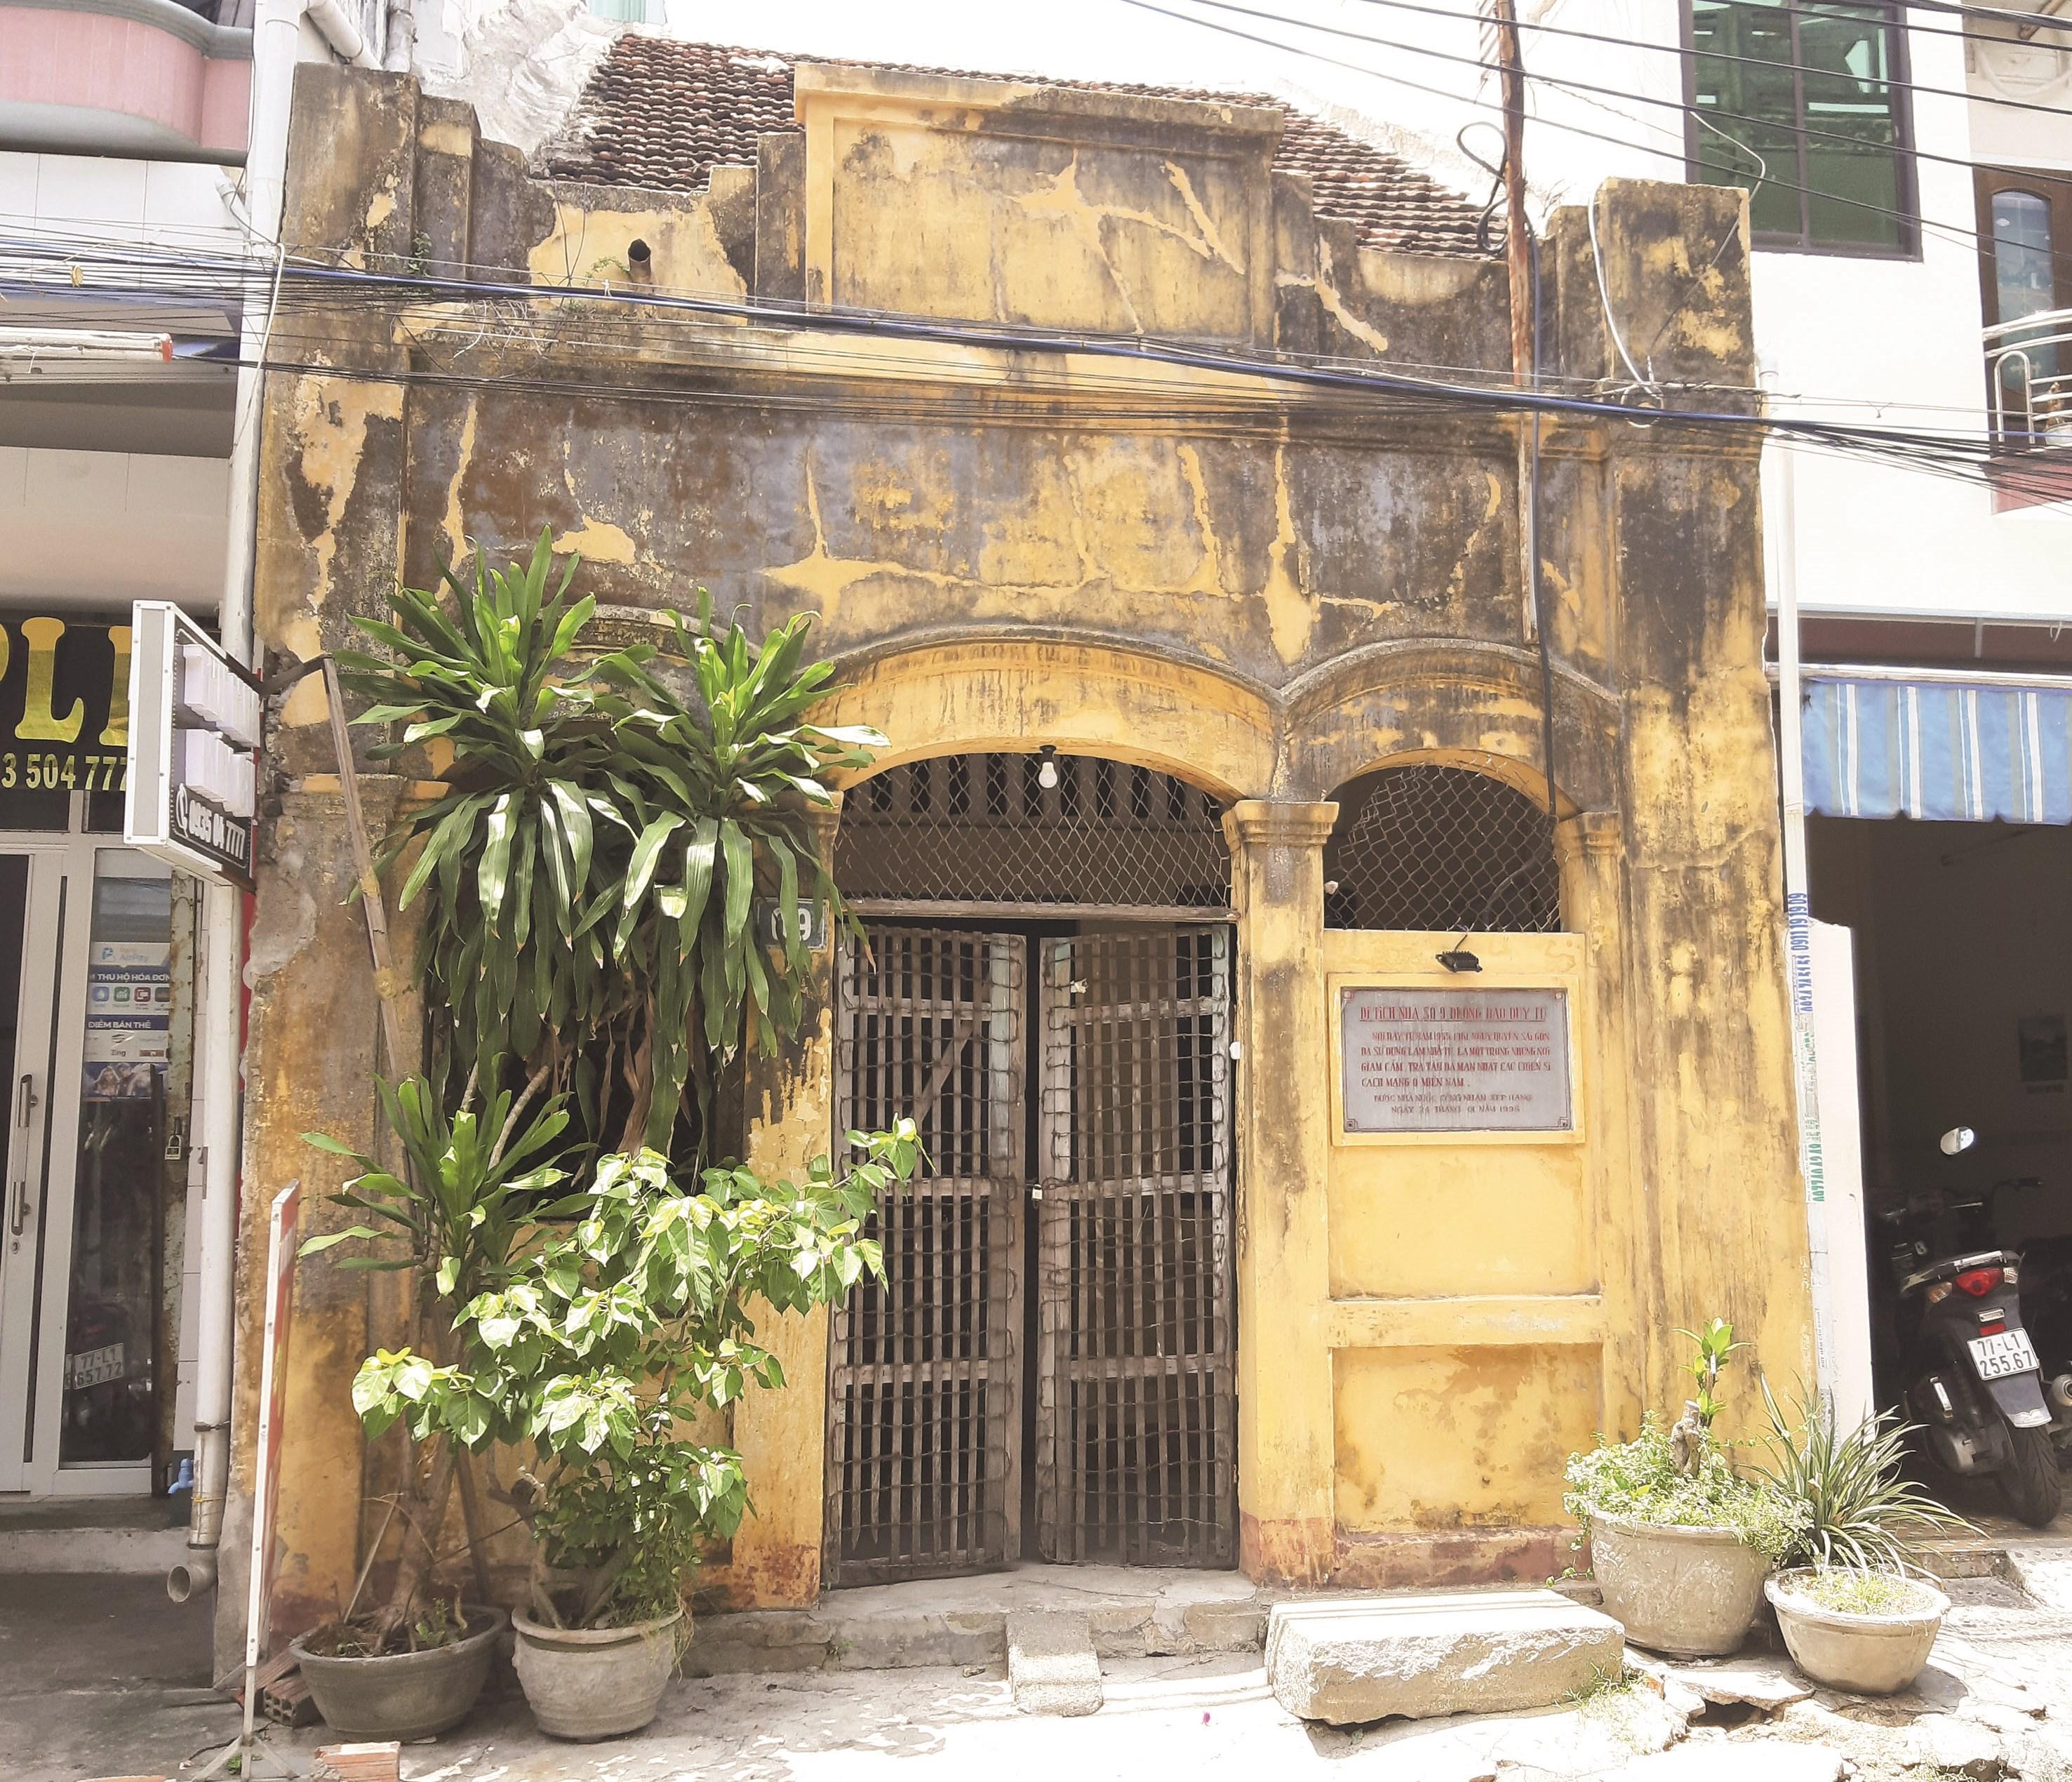 Di tích lịch sử quốc gia Nhà tù số 9 Đào Duy Từ (màu vàng) nhìn không khác gì một ngôi nhà hoang